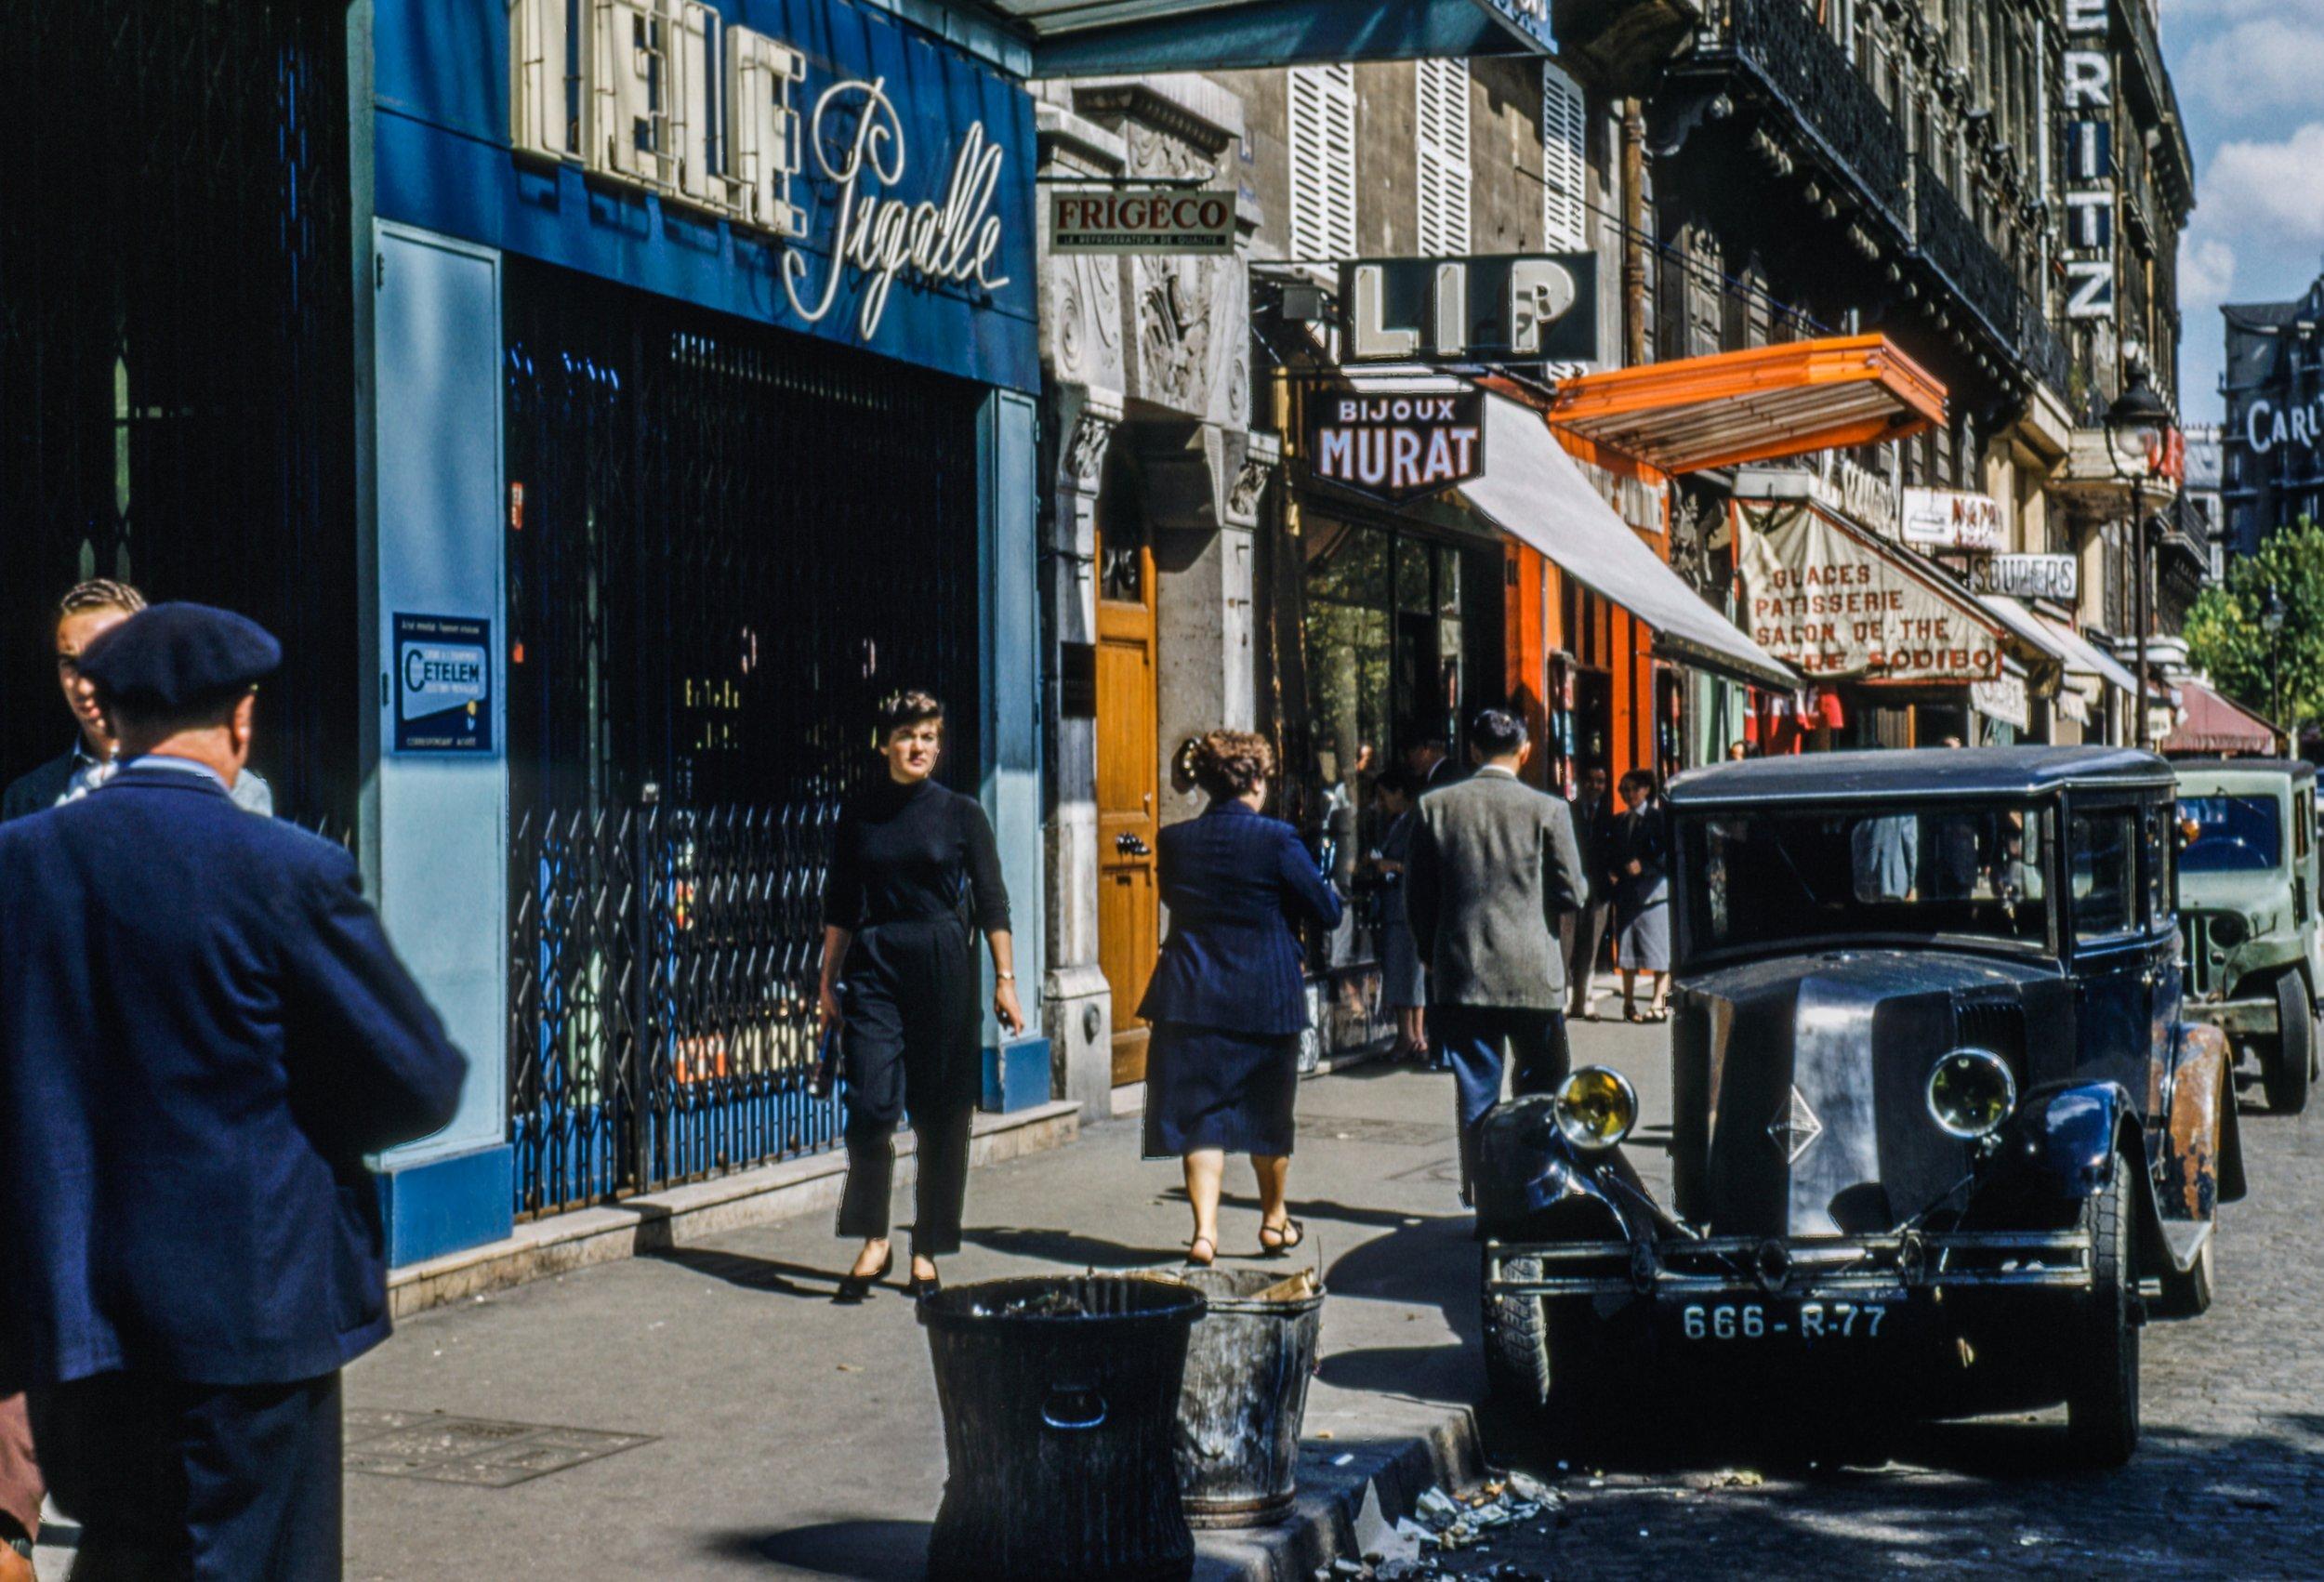 60s, 1950s, vintage